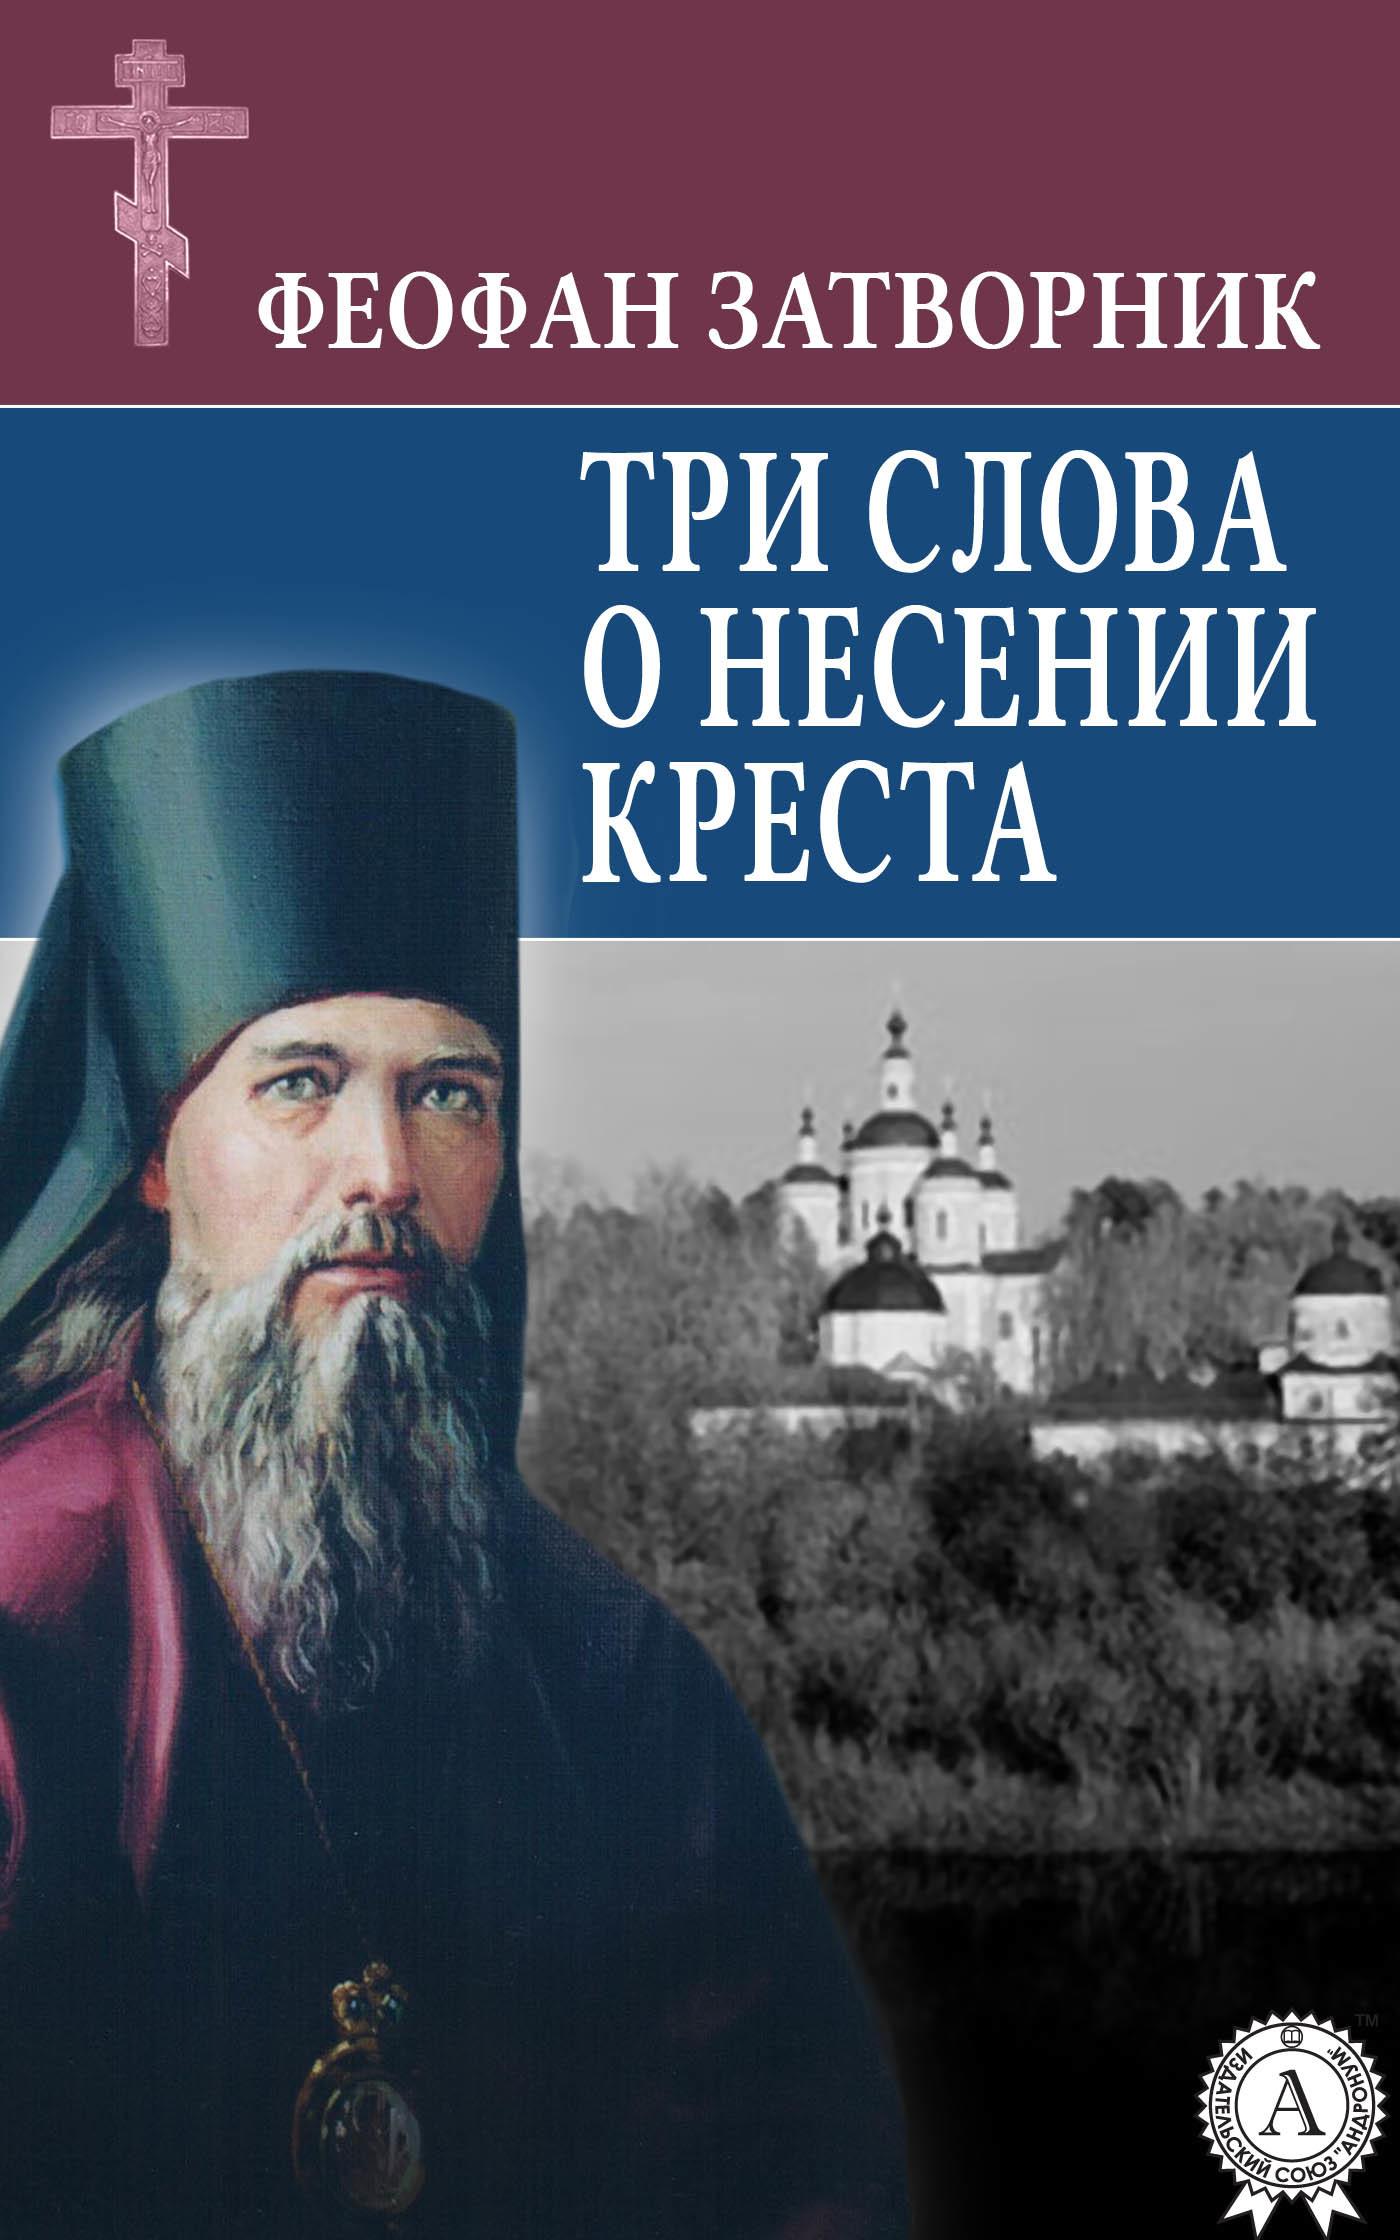 cвятитель Феофан Затворник Три слова о несении креста